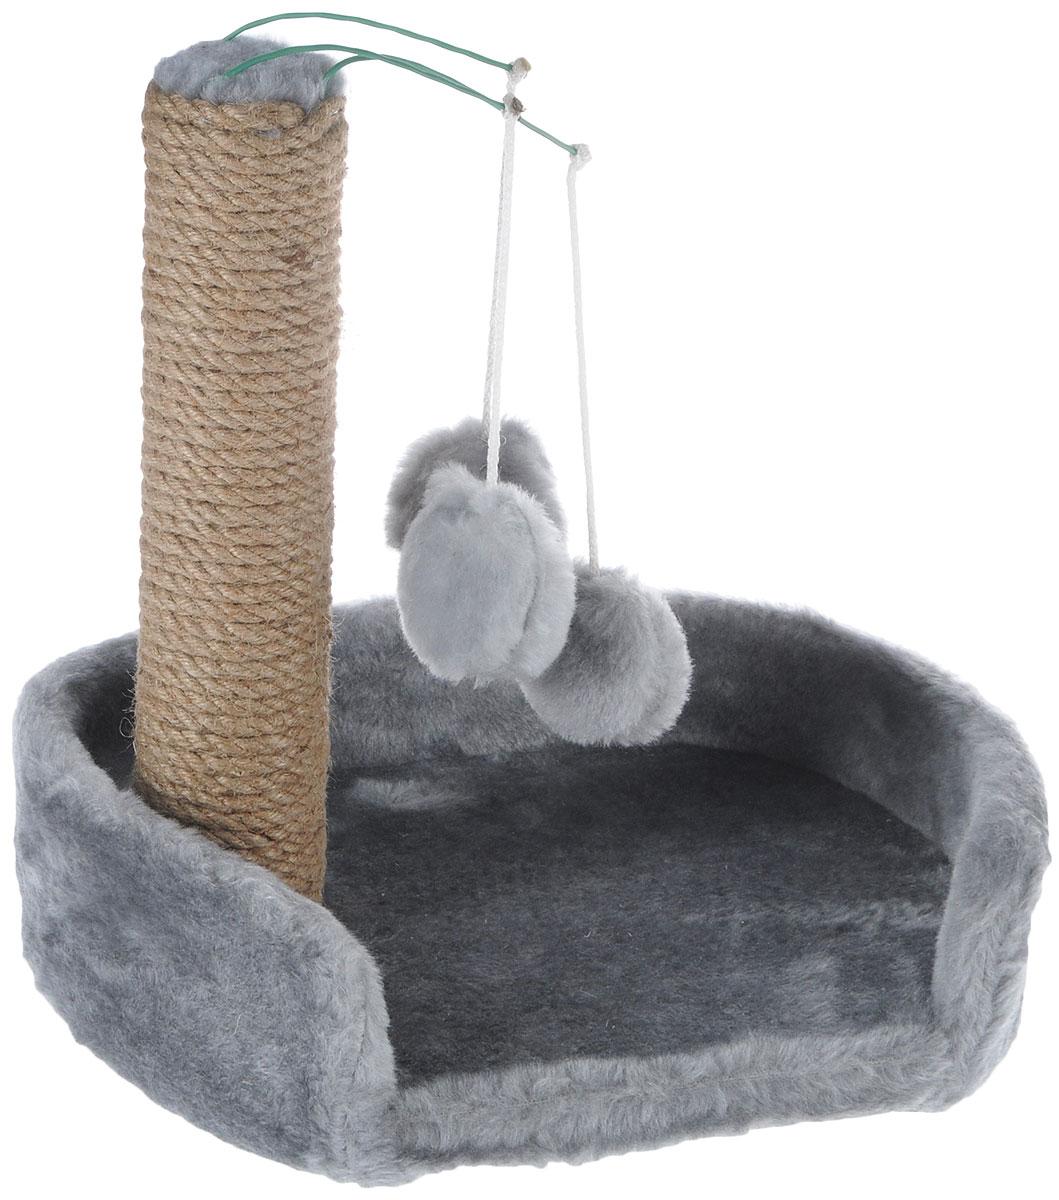 Когтеточка для котят Меридиан, с лежанкой, цвет: светло-серый, бежевый, 34 х 26 х 34 смК705ССКогтеточка Меридиан предназначена для стачивания когтей вашего котенка и предотвращения их врастания. Она выполнена из ДВП и ДСП и обтянута искусственным мехом. Точатся когти о столбик из джута. Когтеточка оснащена подвесными игрушками, привлекающими внимание котенка. Внизу имеется спальное место.Когтеточка позволяет сохранить неповрежденными мебель и другие предметы интерьера.